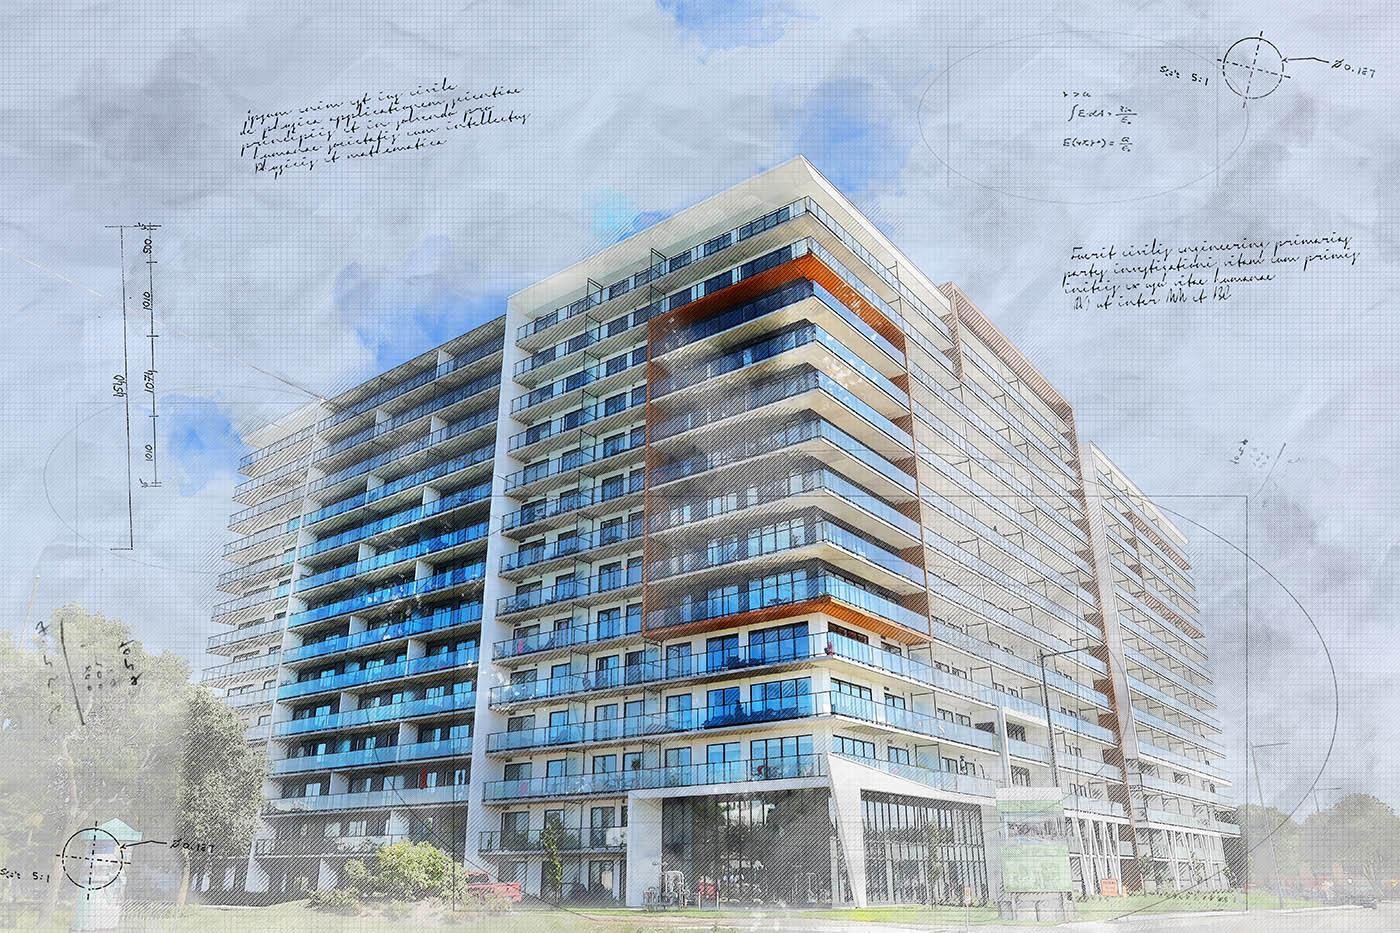 Large Condominium Building Sketch Image - Stock Photo